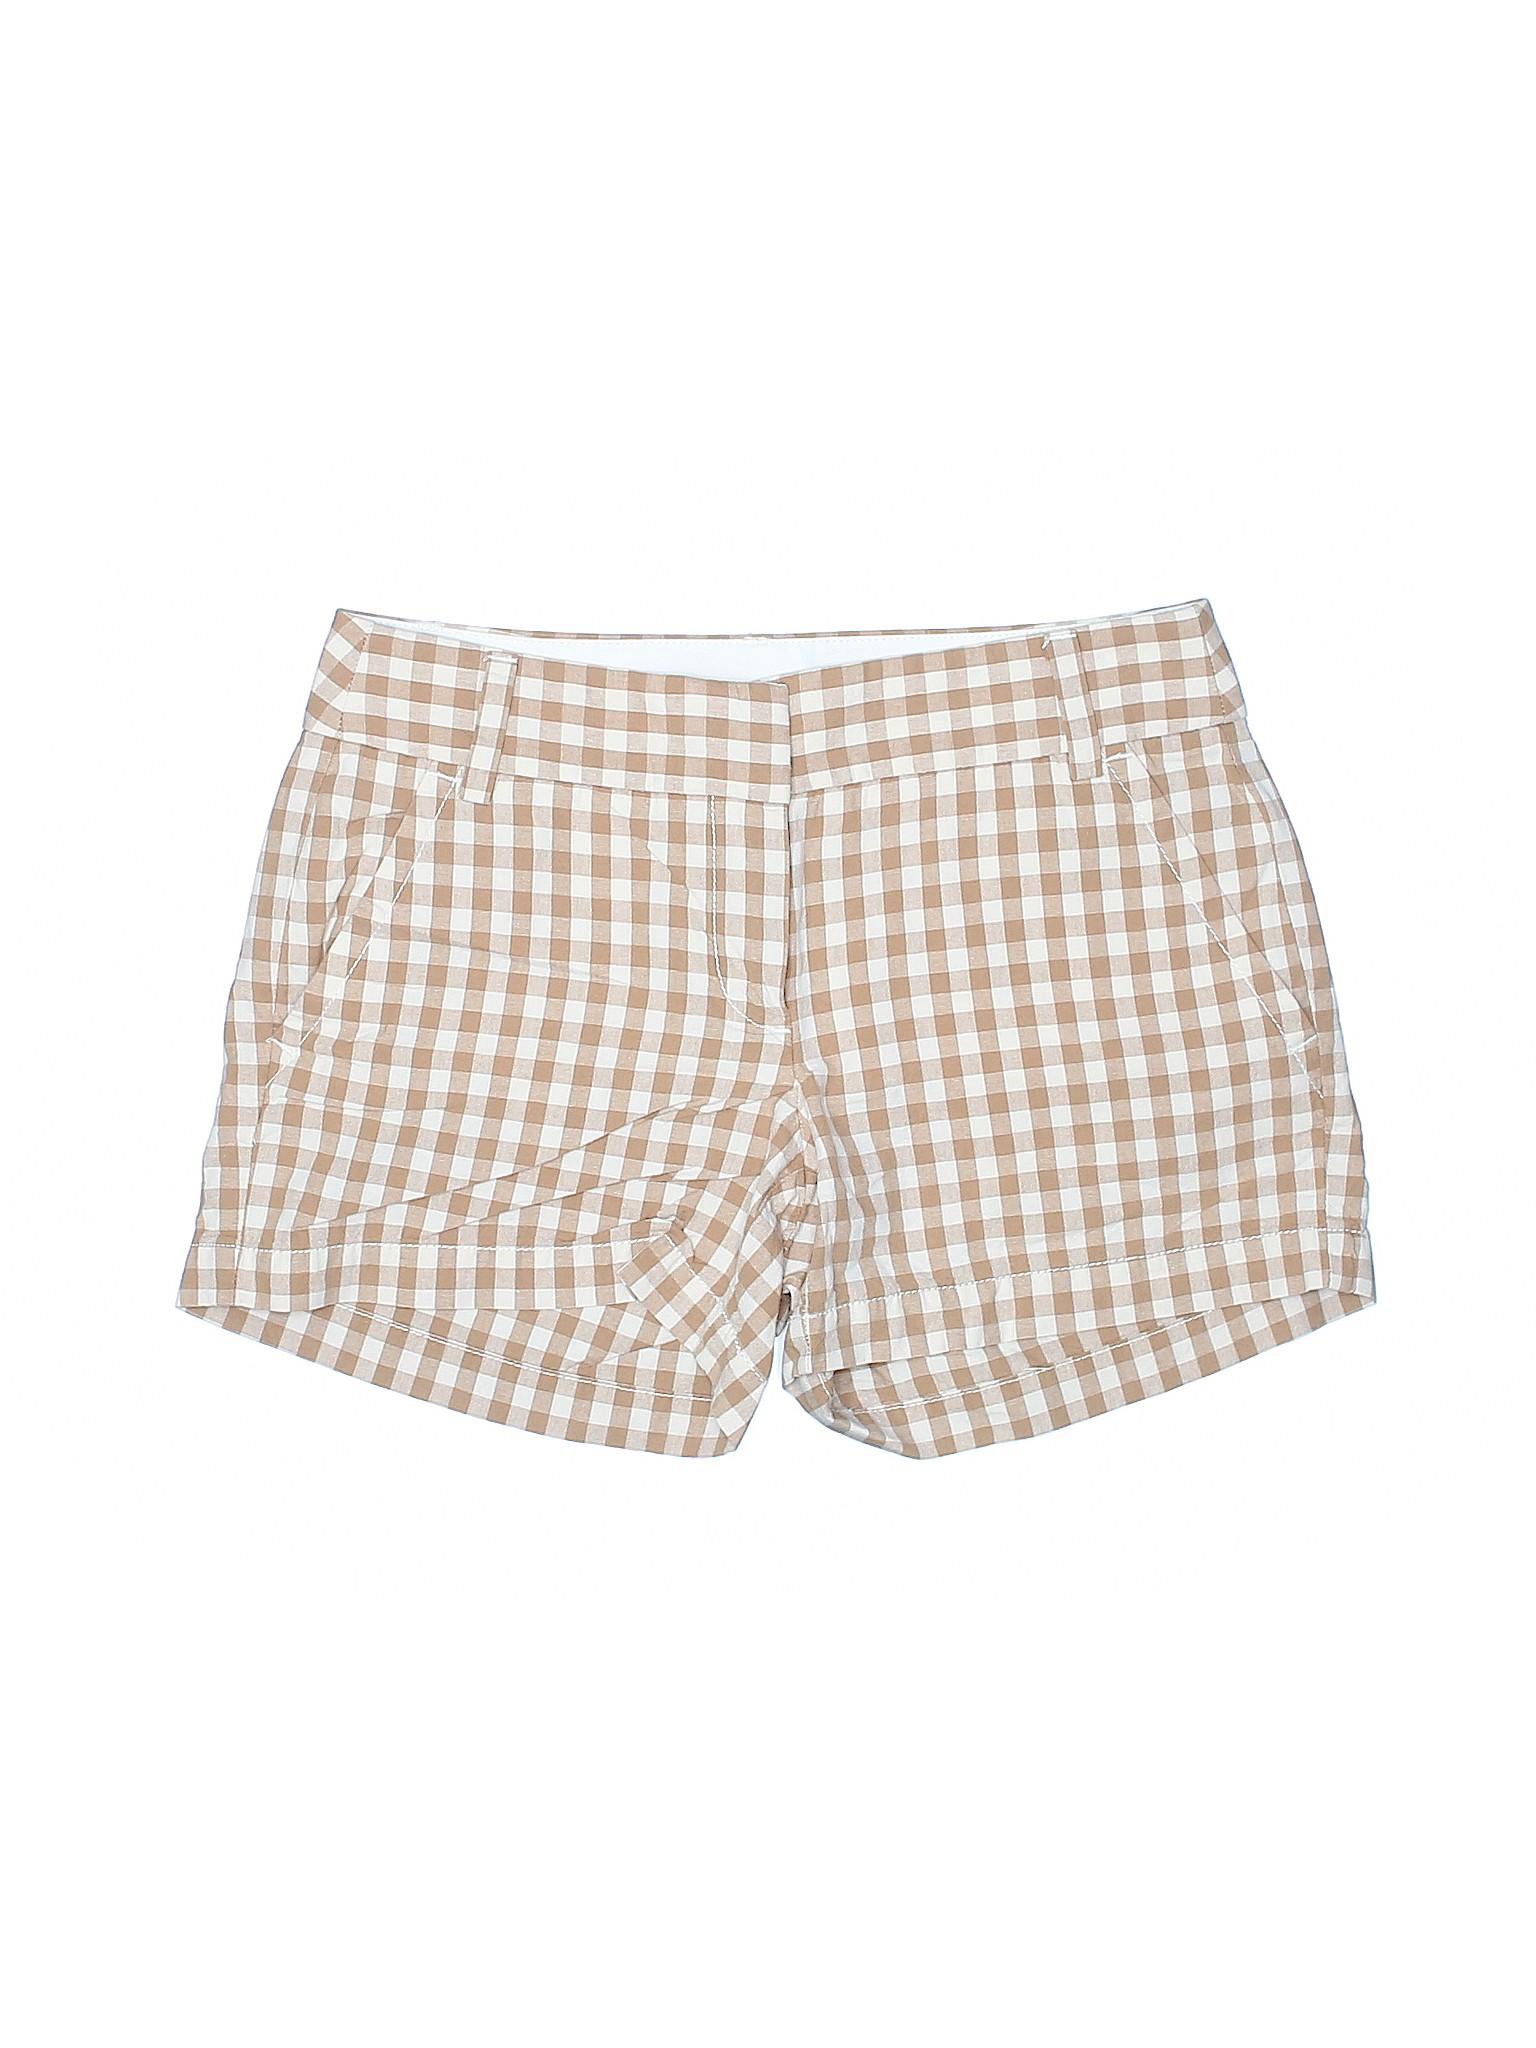 J Shorts Crew Boutique Boutique J Khaki wU1EcX